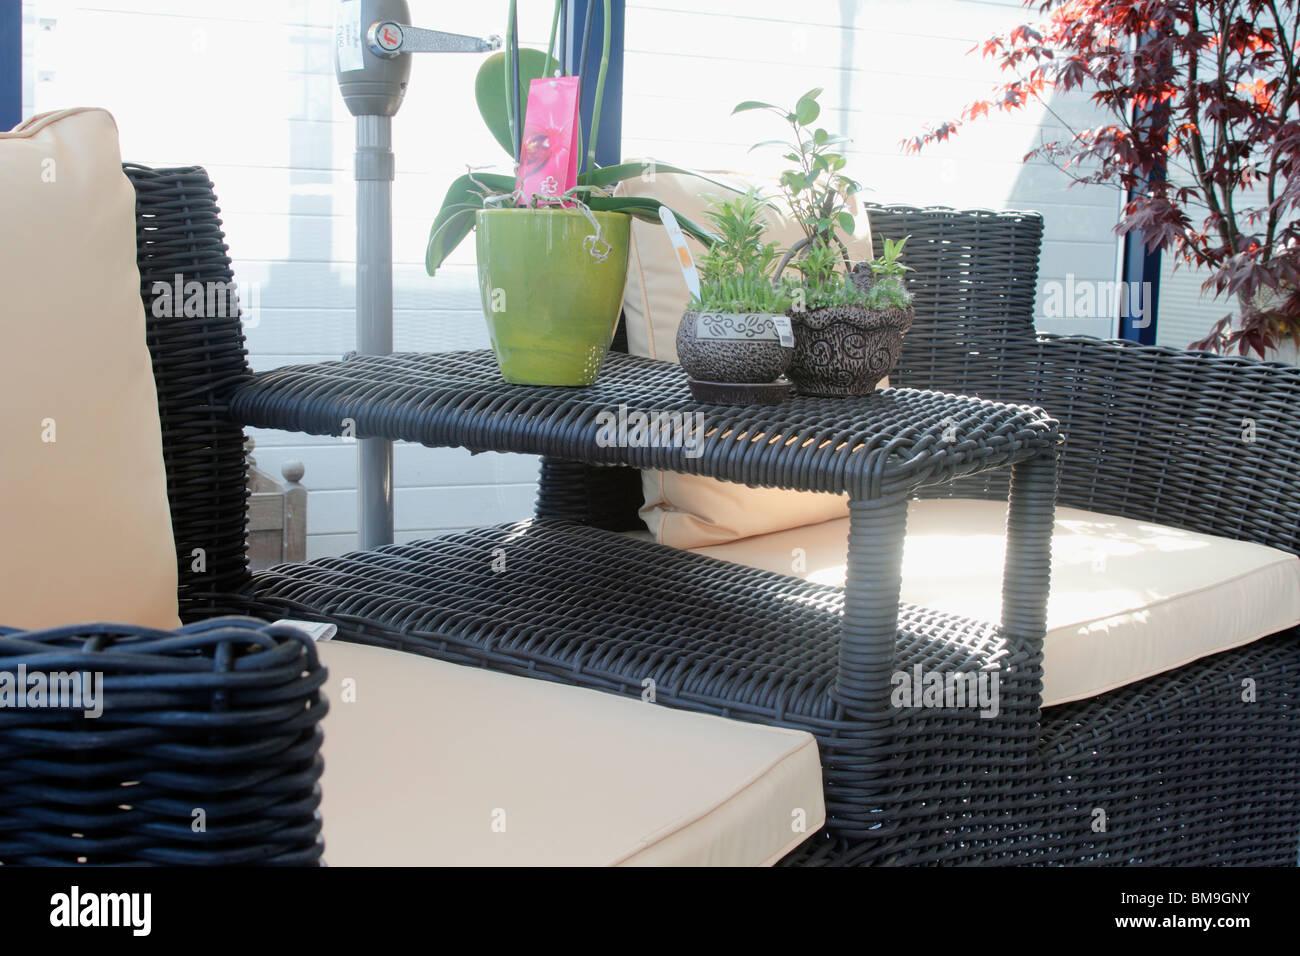 Jardín y patio con muebles de rattan amor asiento con estilo Japonés ...